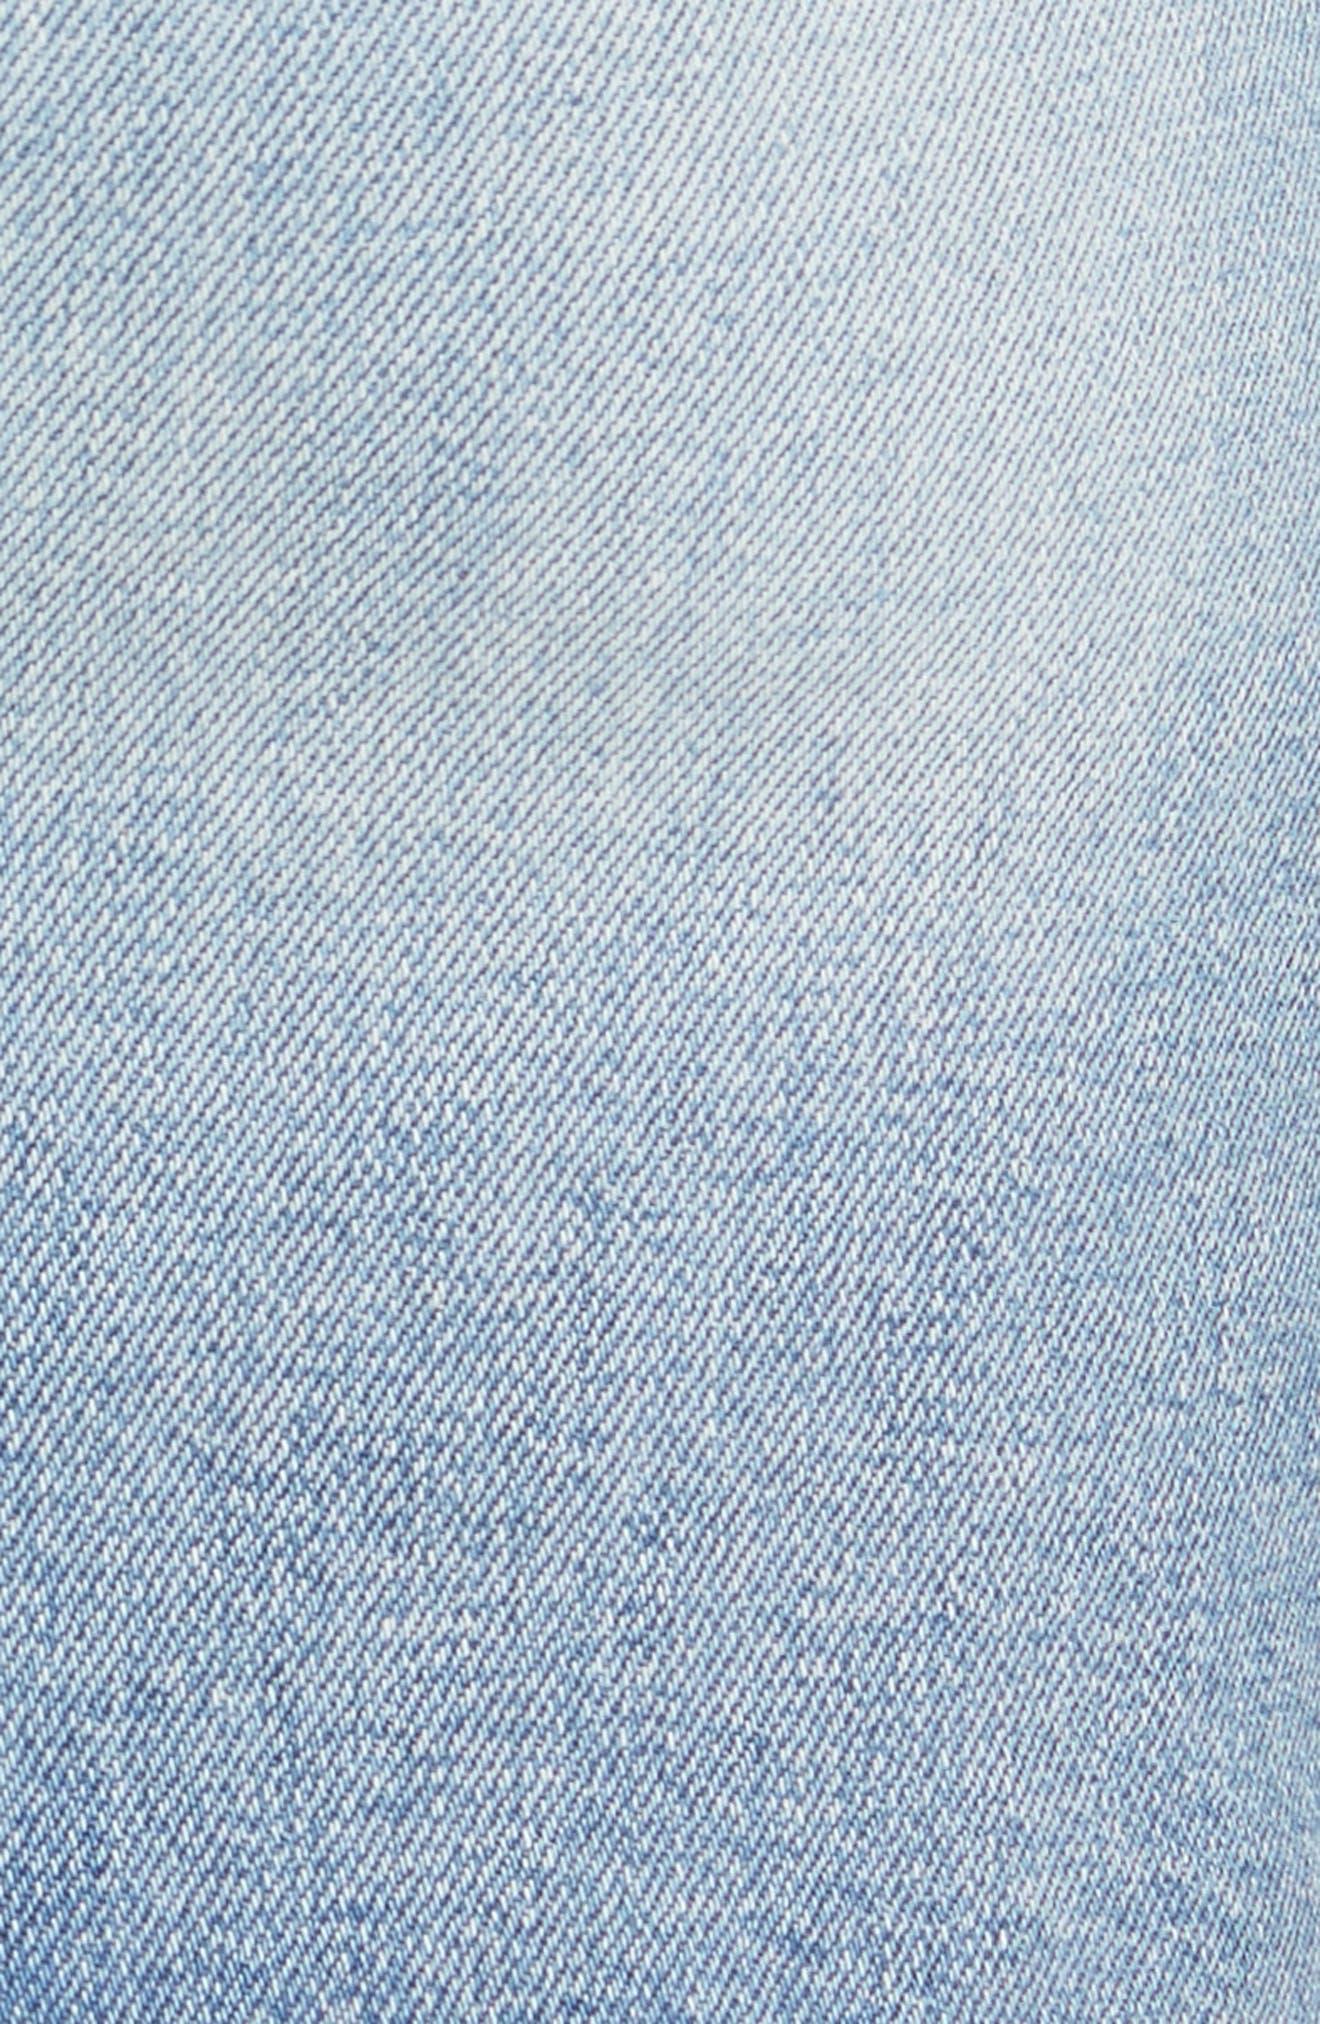 Alternate Image 5  - MOTHER The Sacred Slit Denim Miniskirt